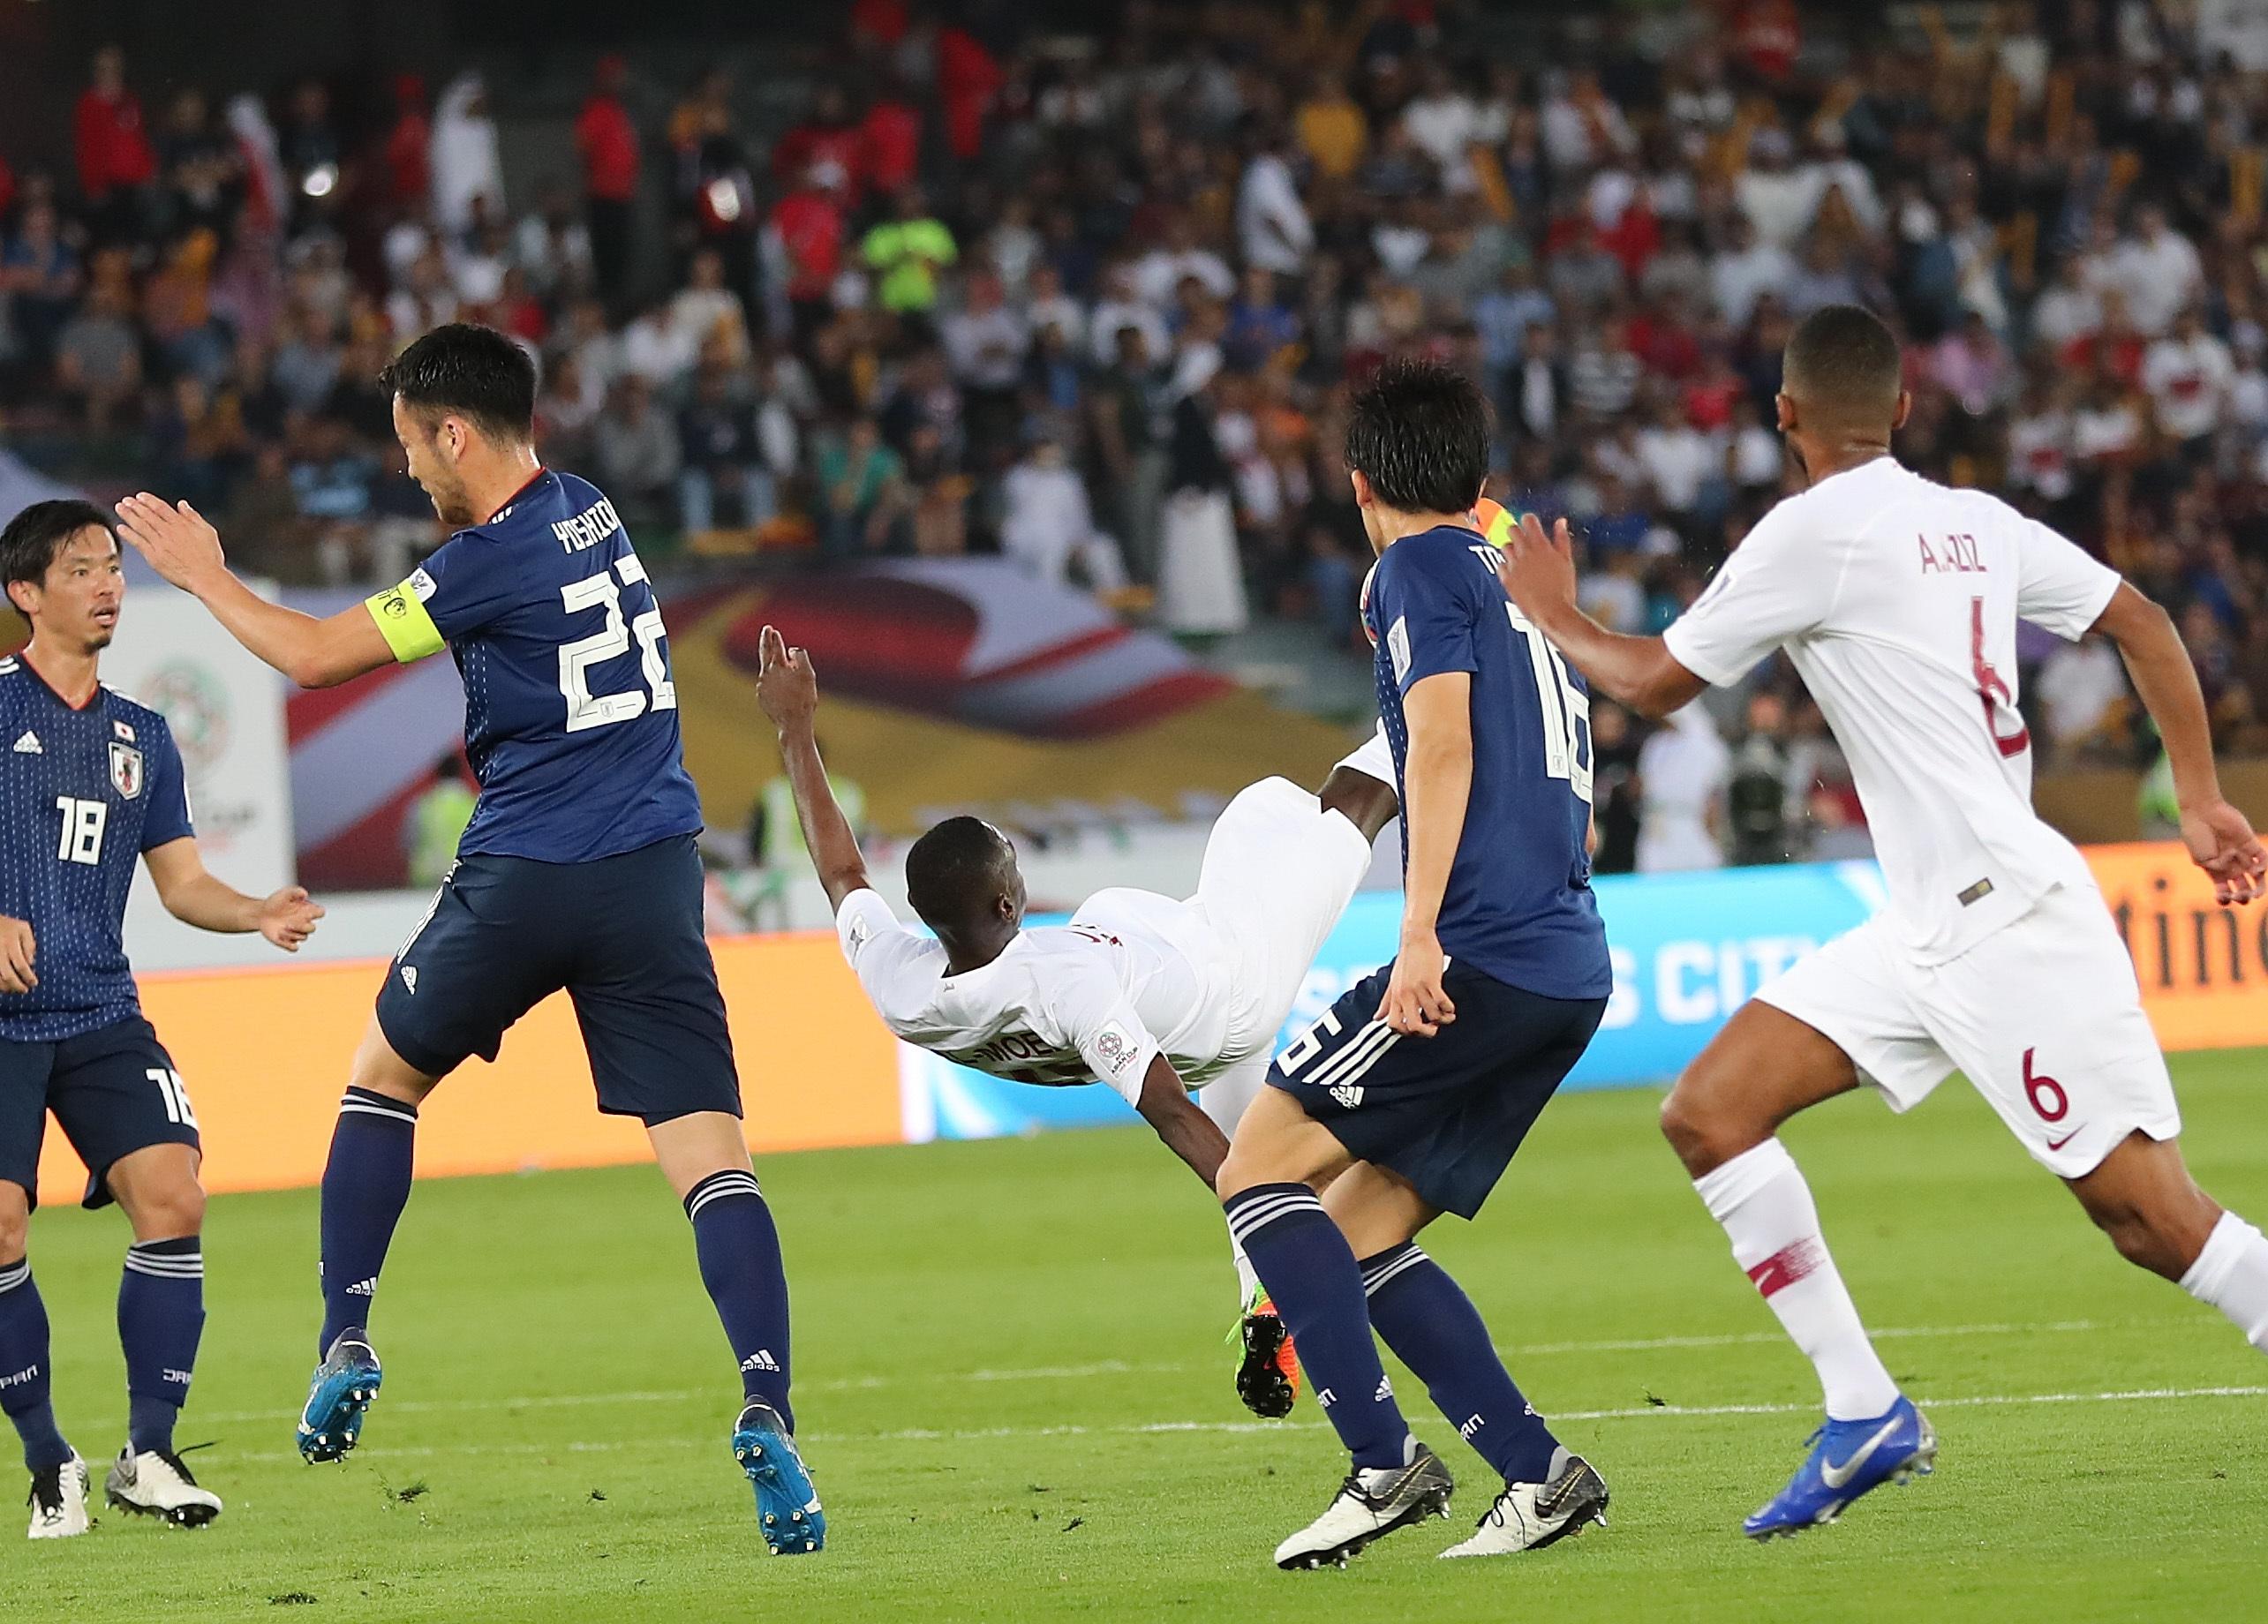 英超转会一览 阿里7战轰9球超代伊神迹 创单届亚洲杯进球纪录